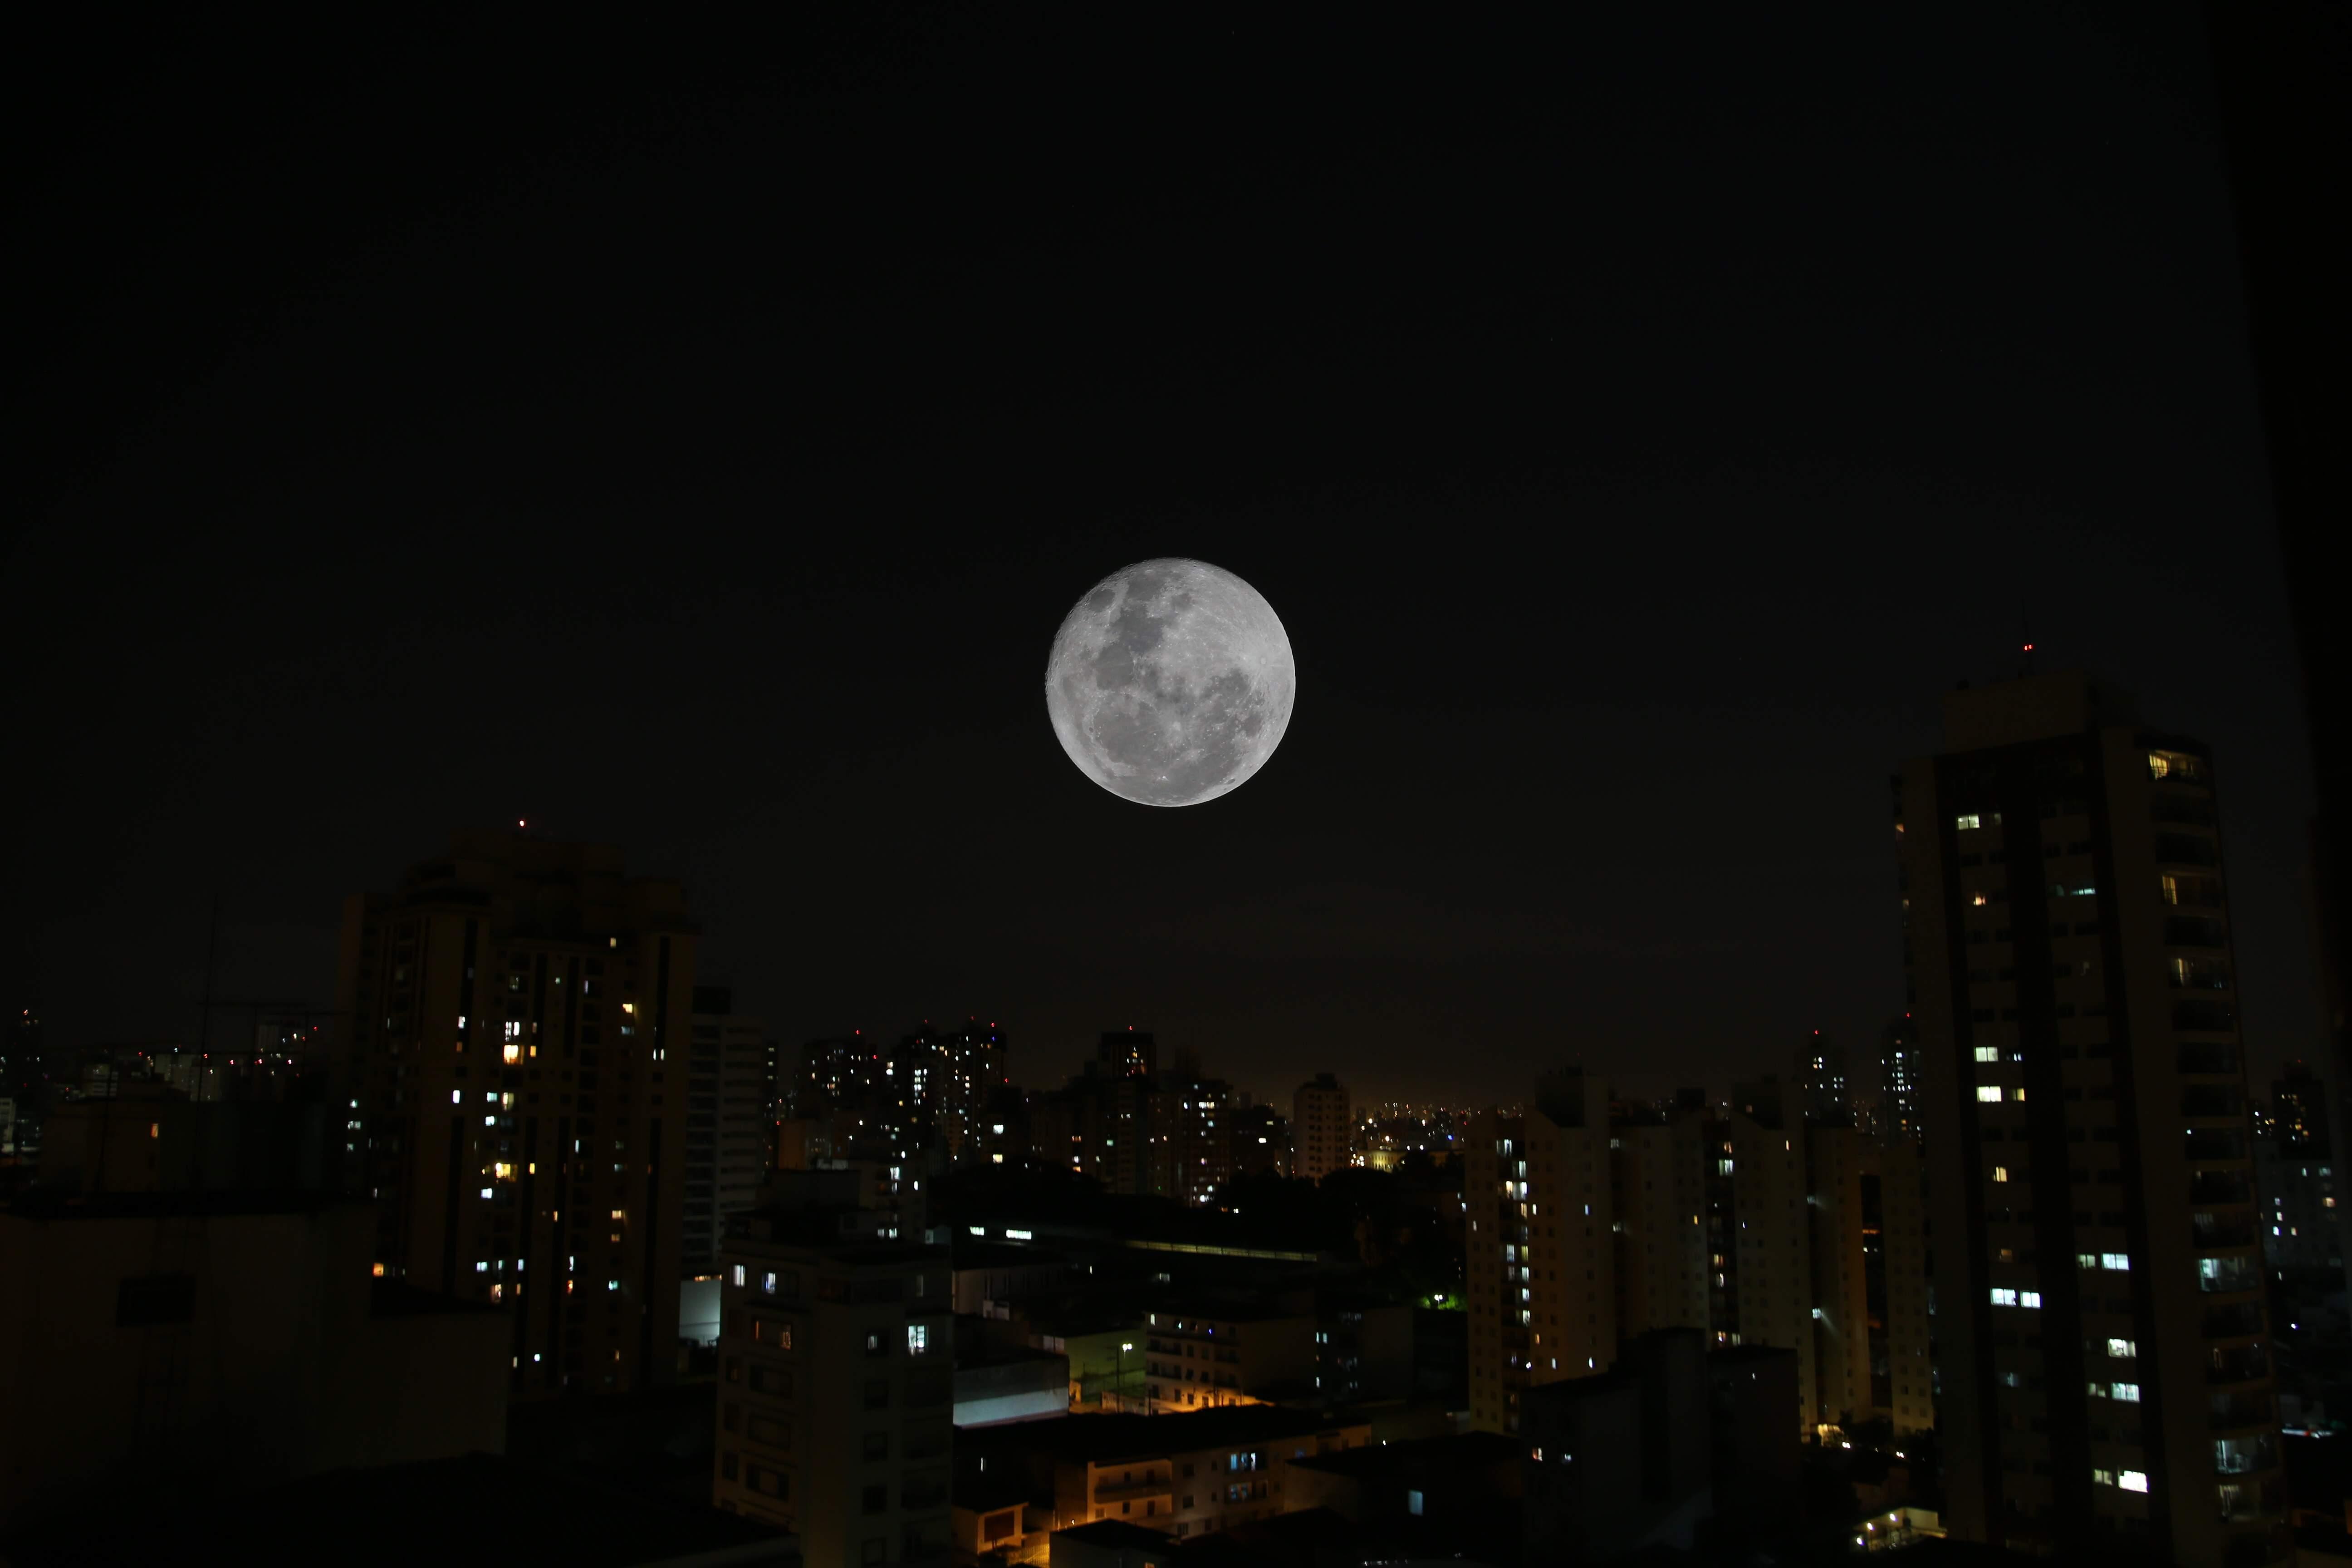 42ca99916 Maior superlua do ano acontece na noite dessa terça-feira – O Liberal